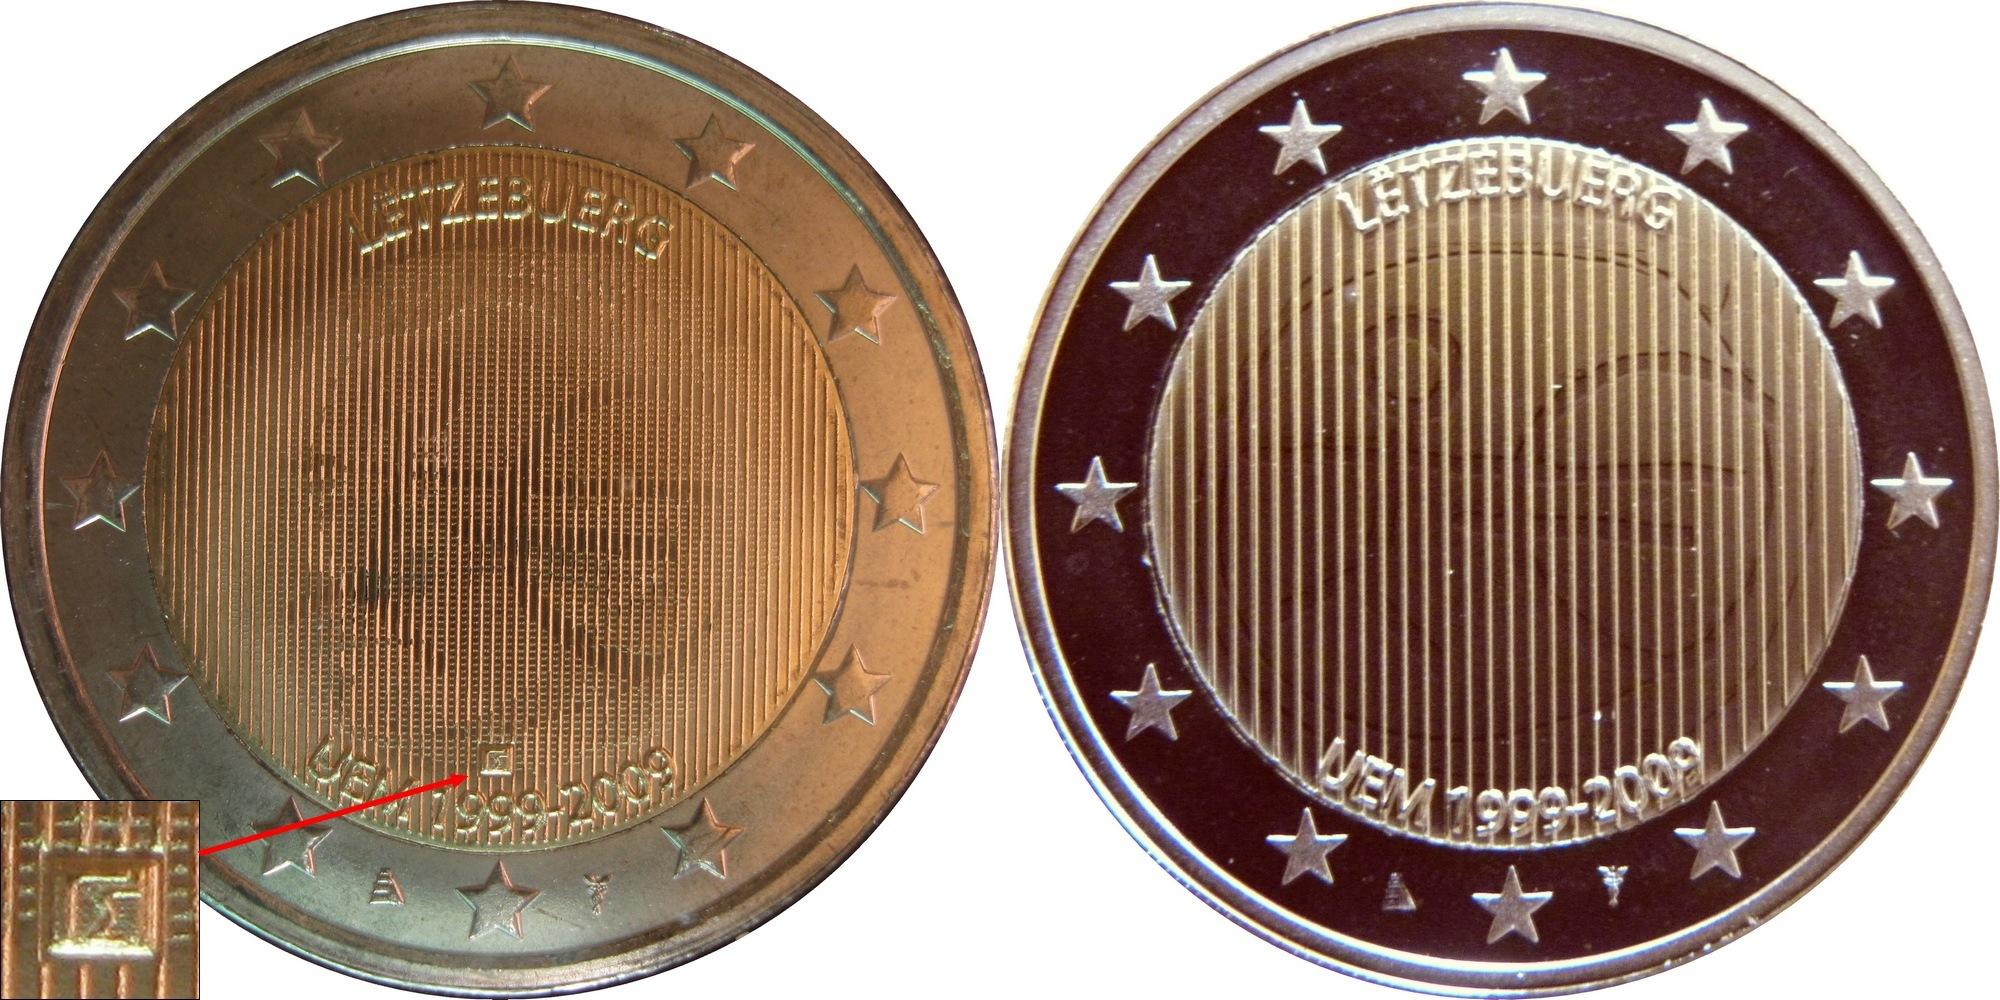 мальта монета памятная 2 евро со знаком монетного двора